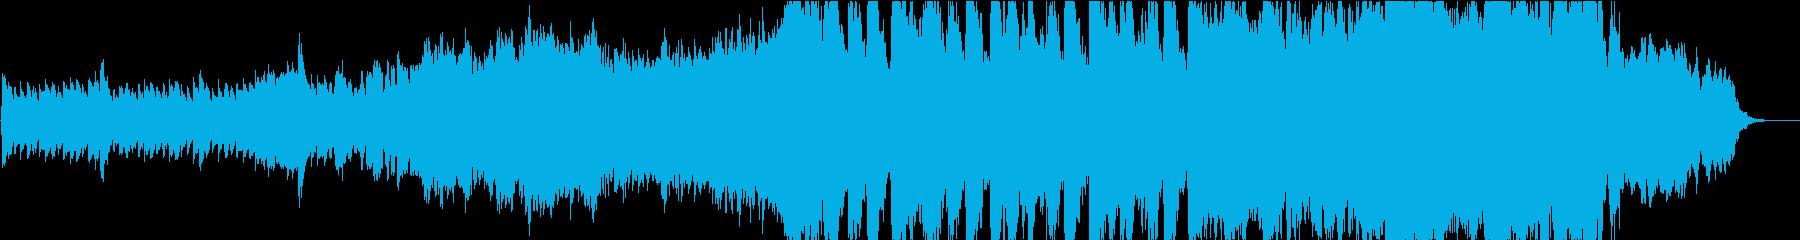 静かなピアノから壮大なオケ⑤60秒版の再生済みの波形